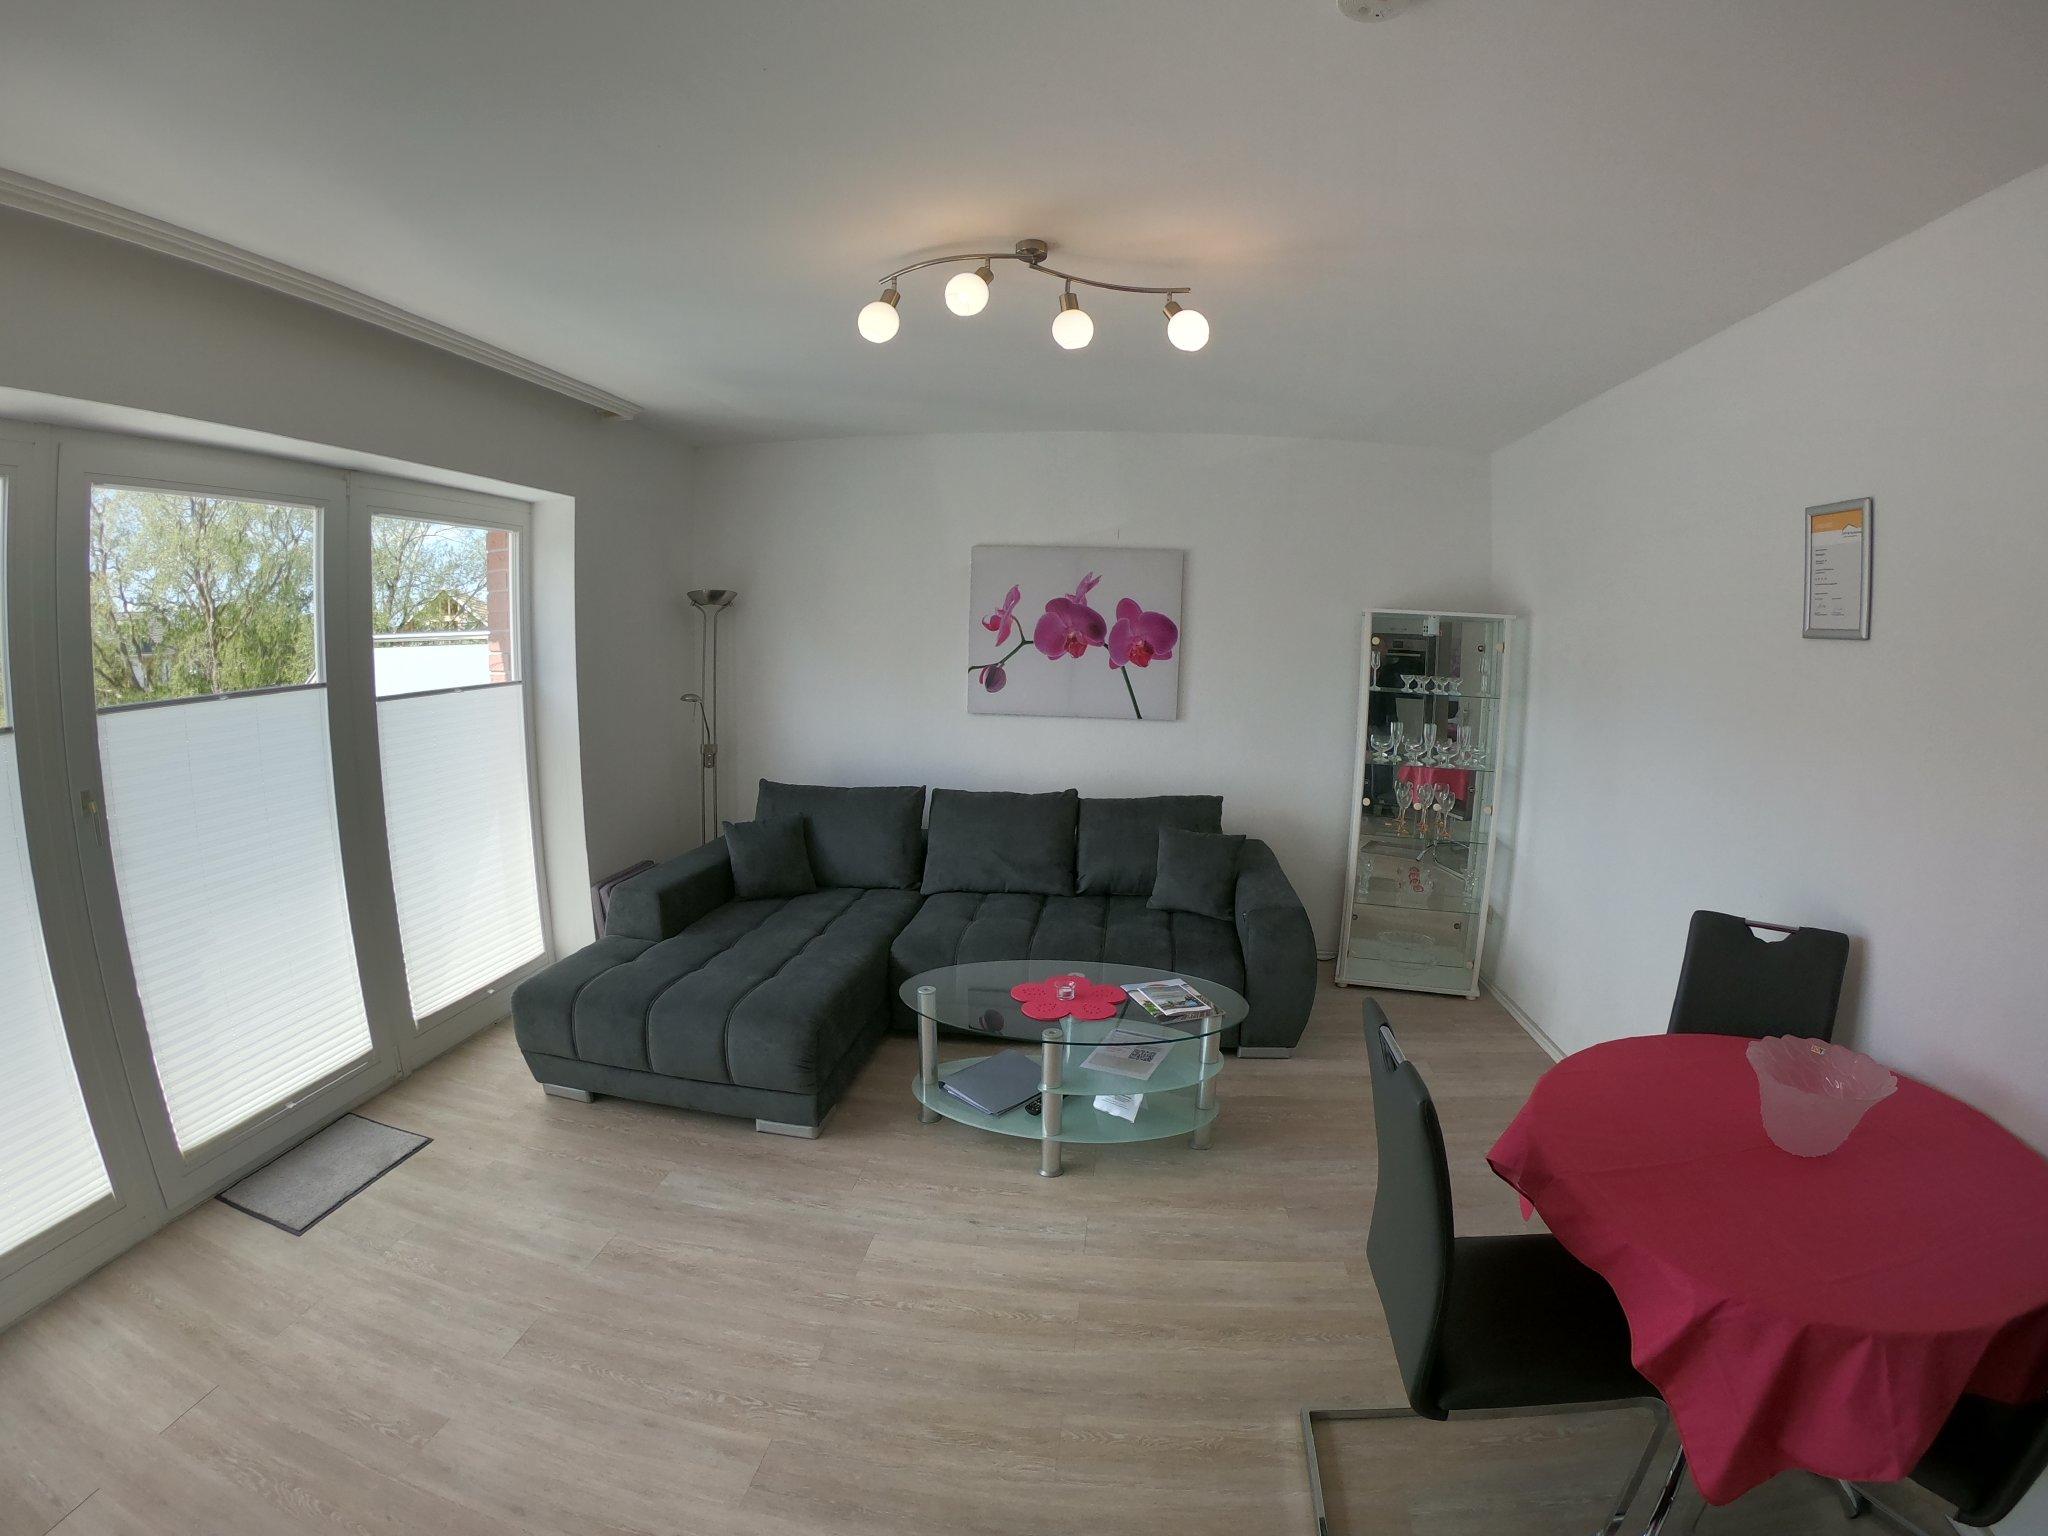 Wohnzimmer: Bigsofa